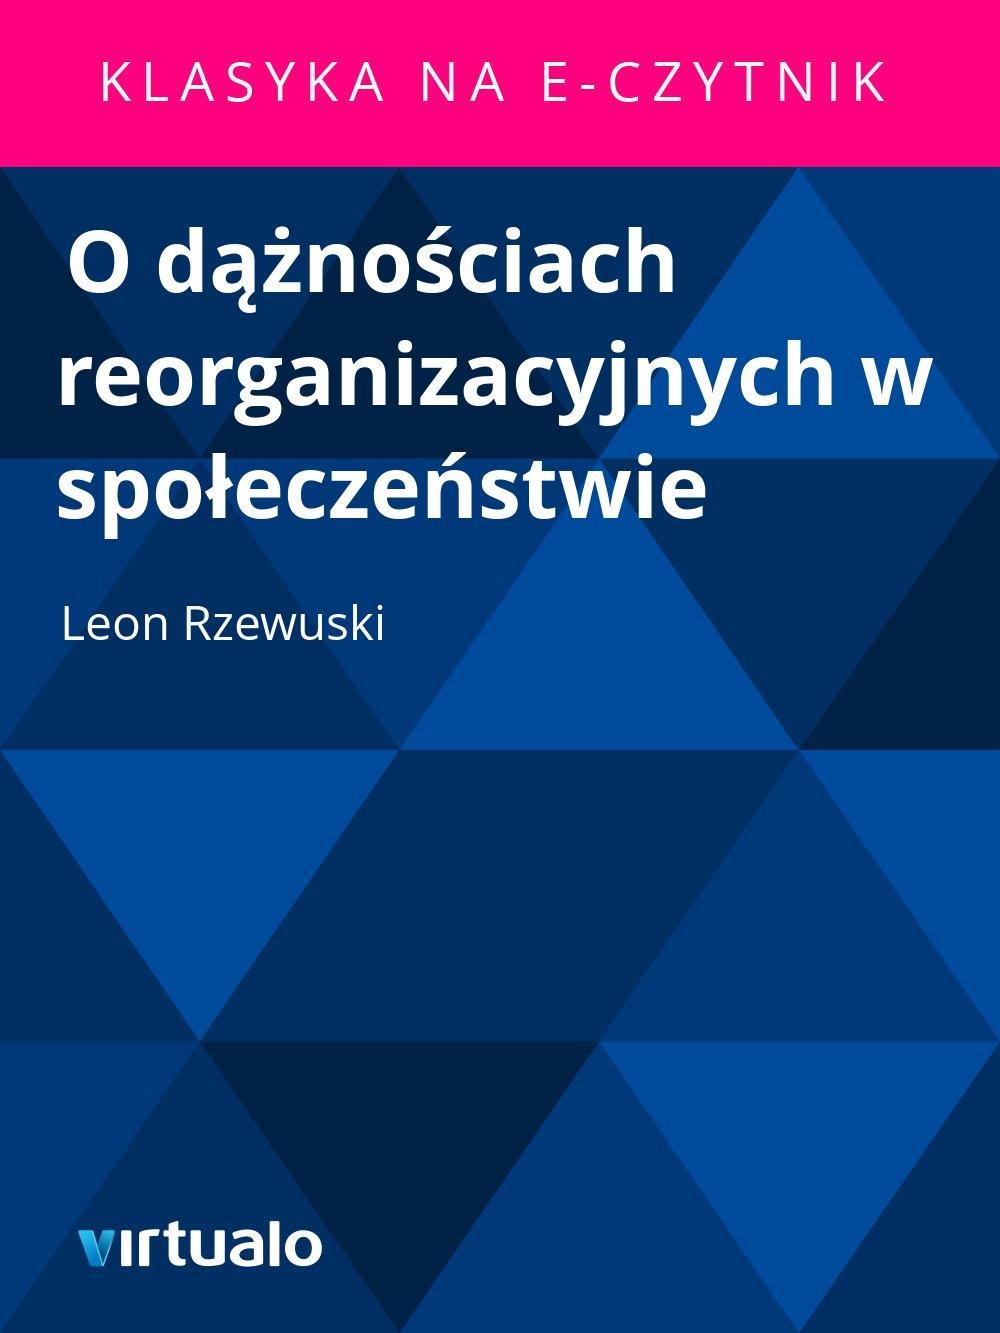 O dążnościach reorganizacyjnych w społeczeństwie - Ebook (Książka EPUB) do pobrania w formacie EPUB